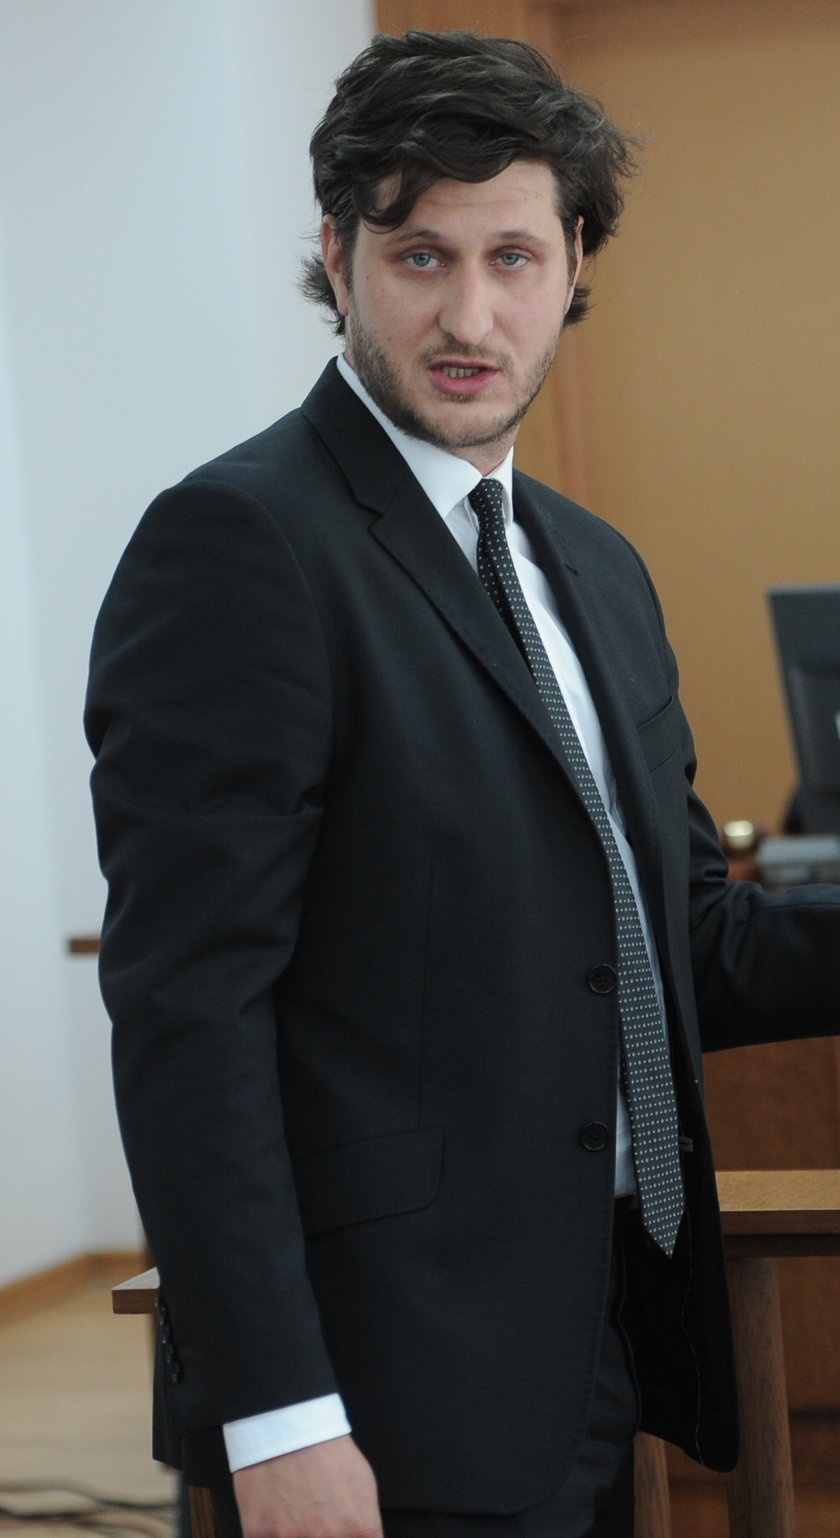 Piotr Wawrzynowicz